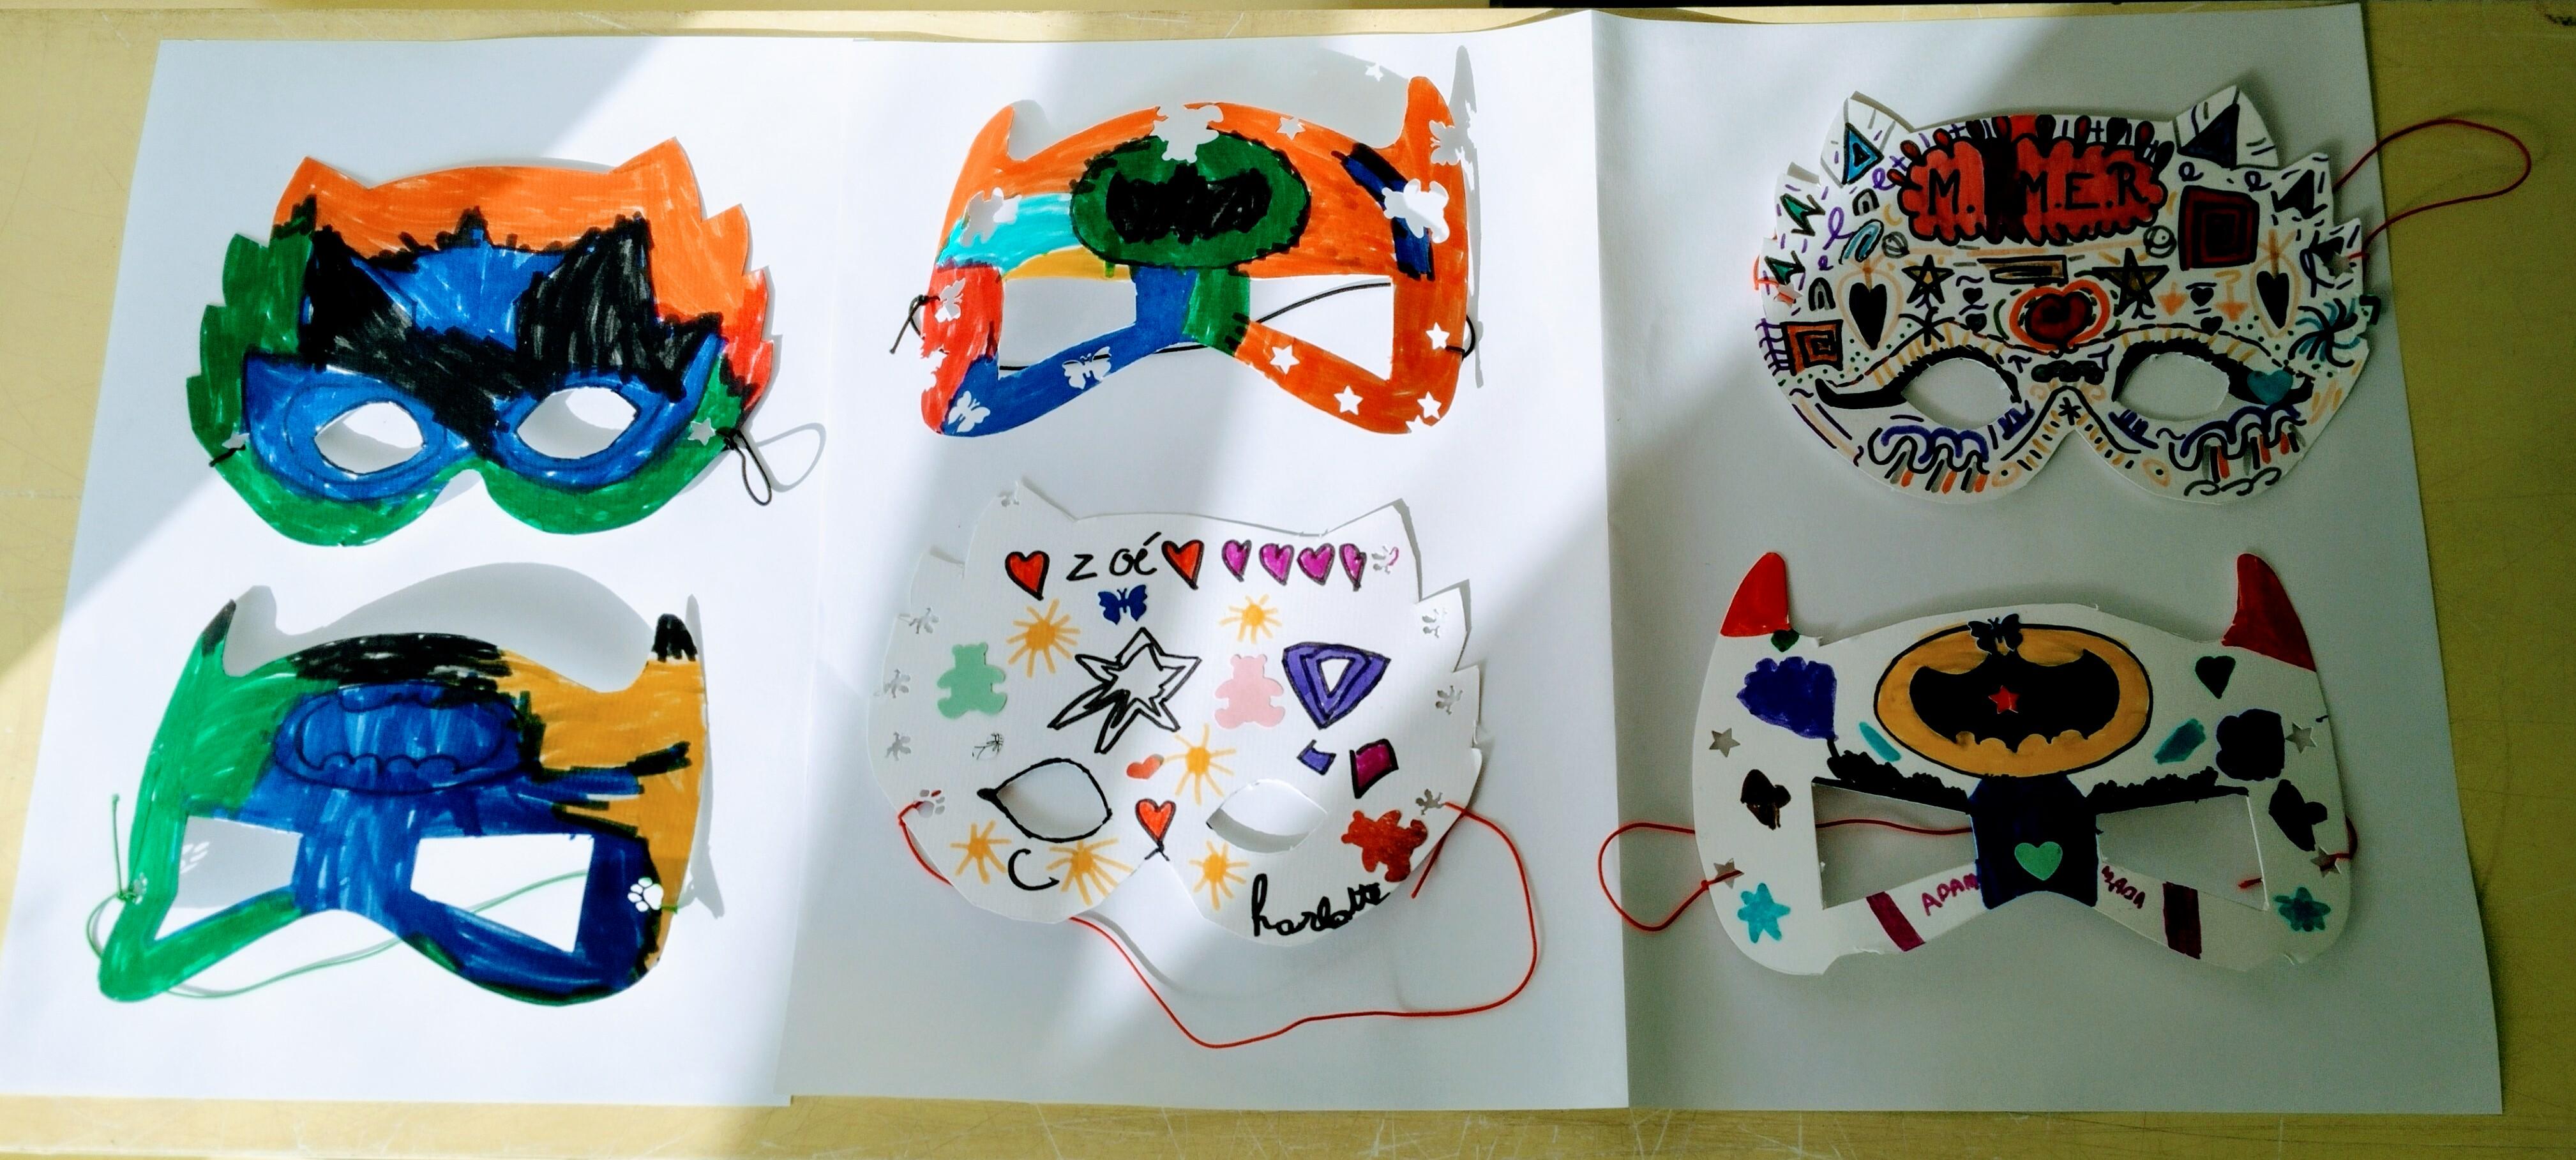 Activités artistiques et créatives pour enfants à Capbreton